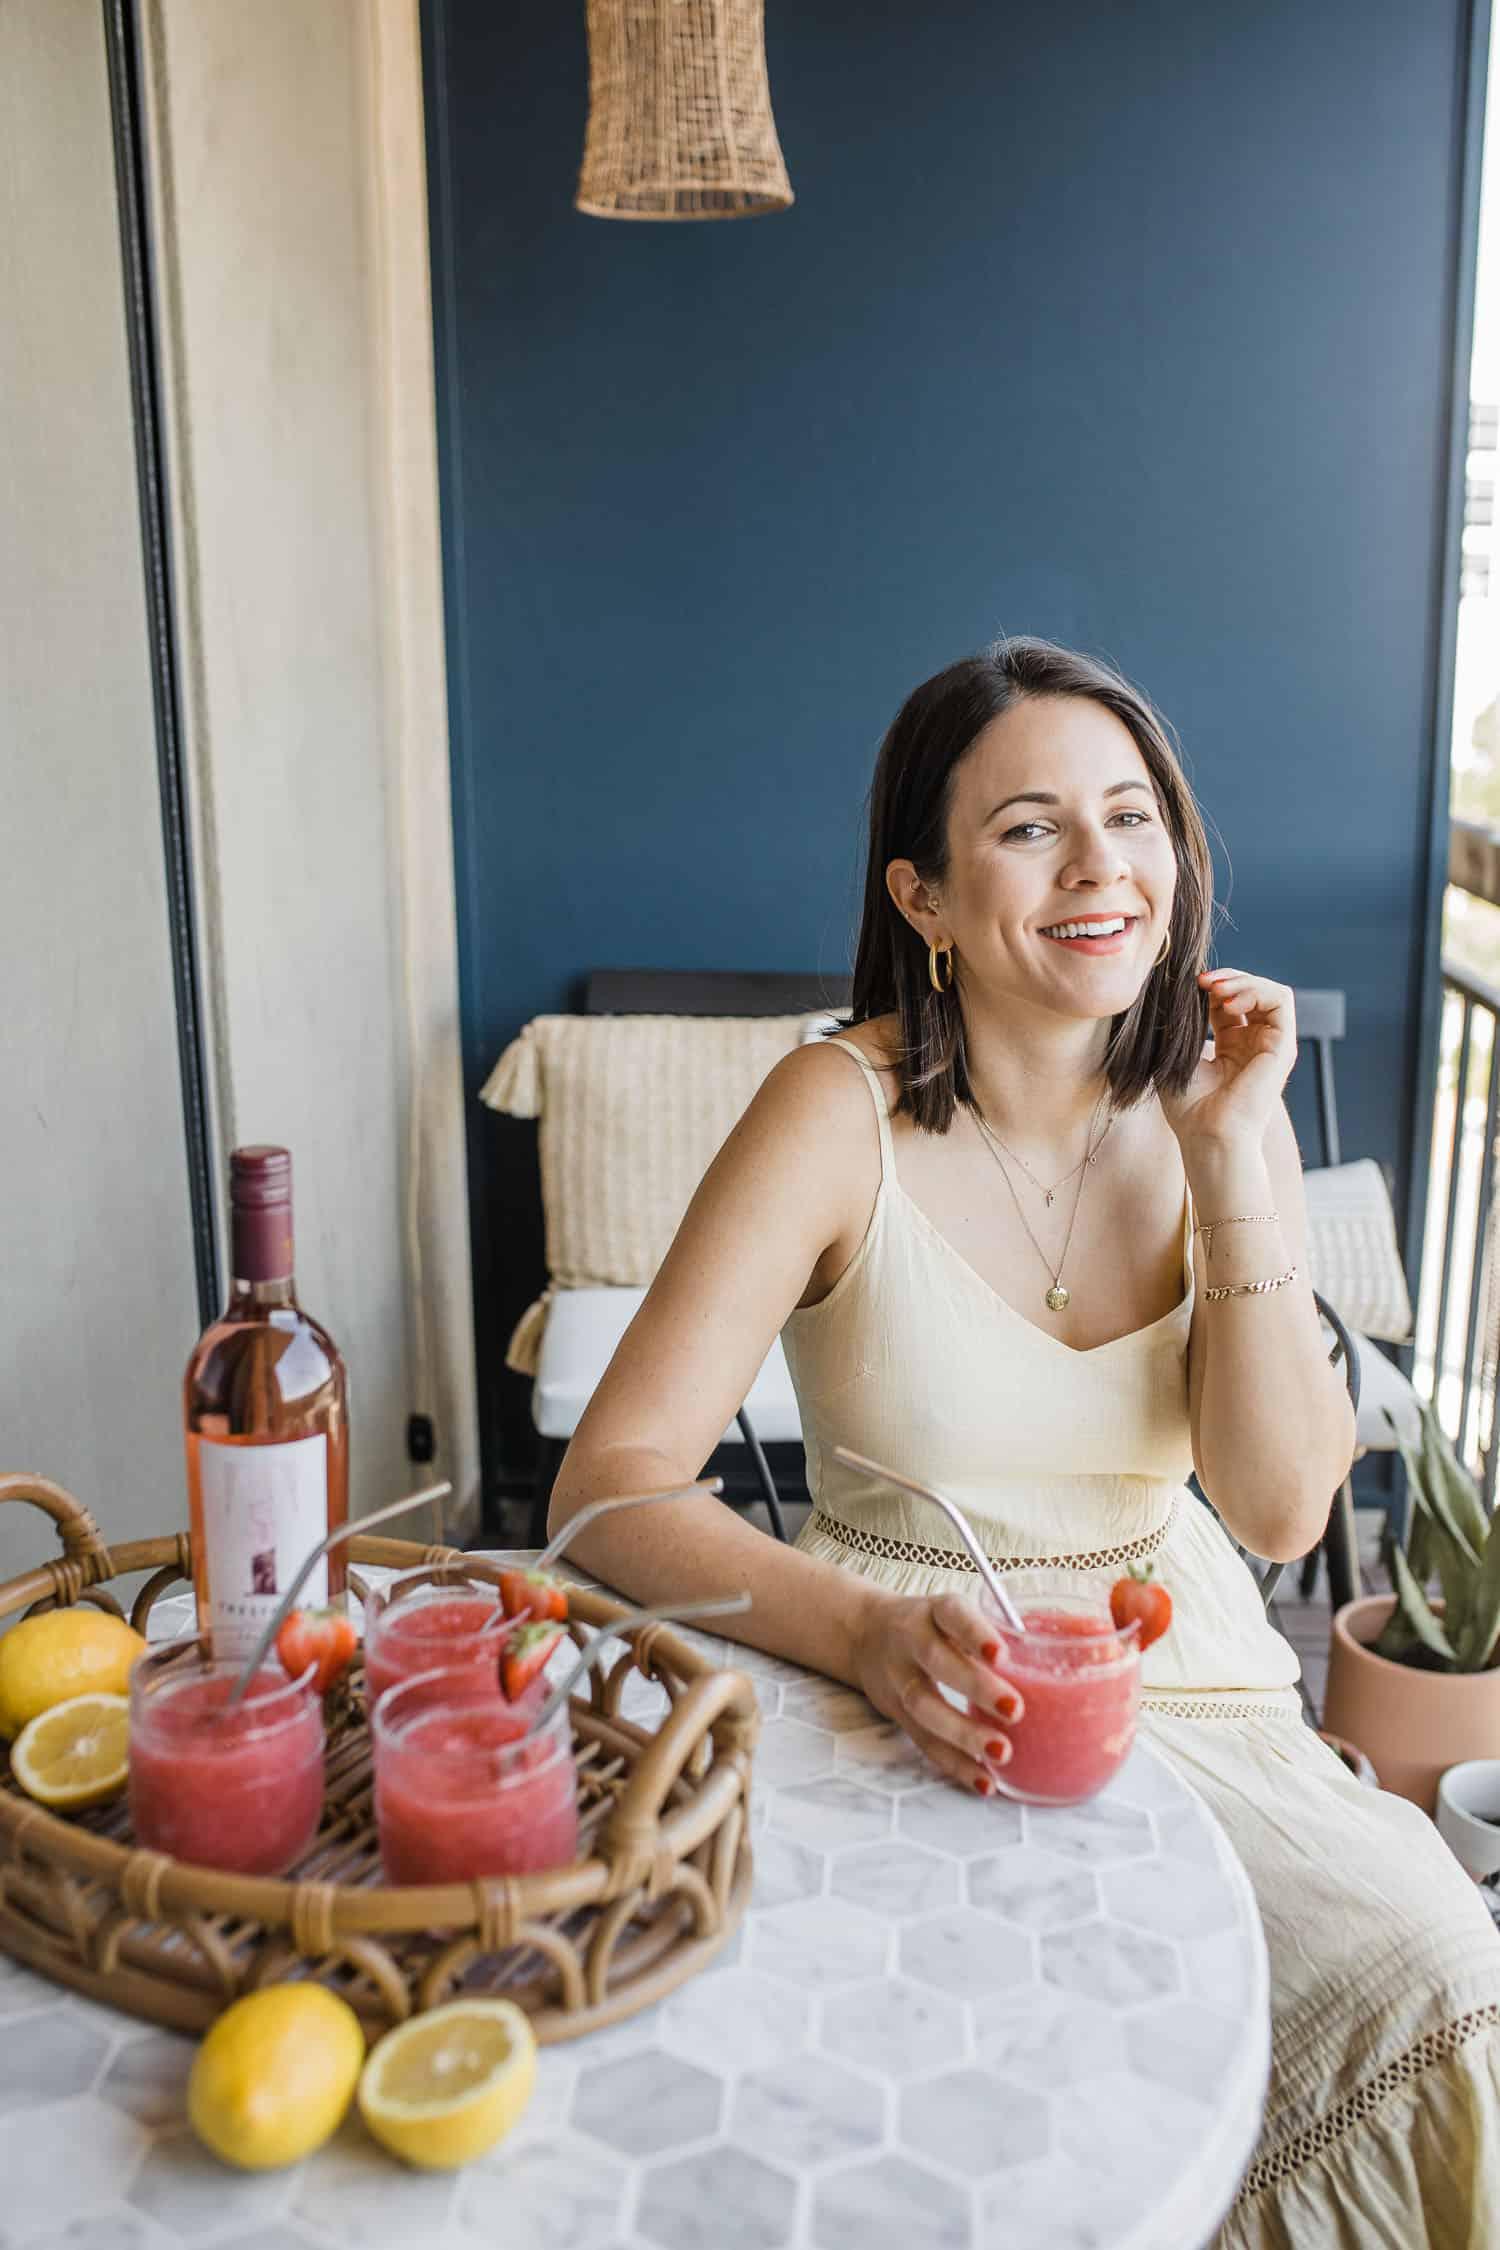 Jessica Camerata shares her strawberry lemon frose recipe for summer